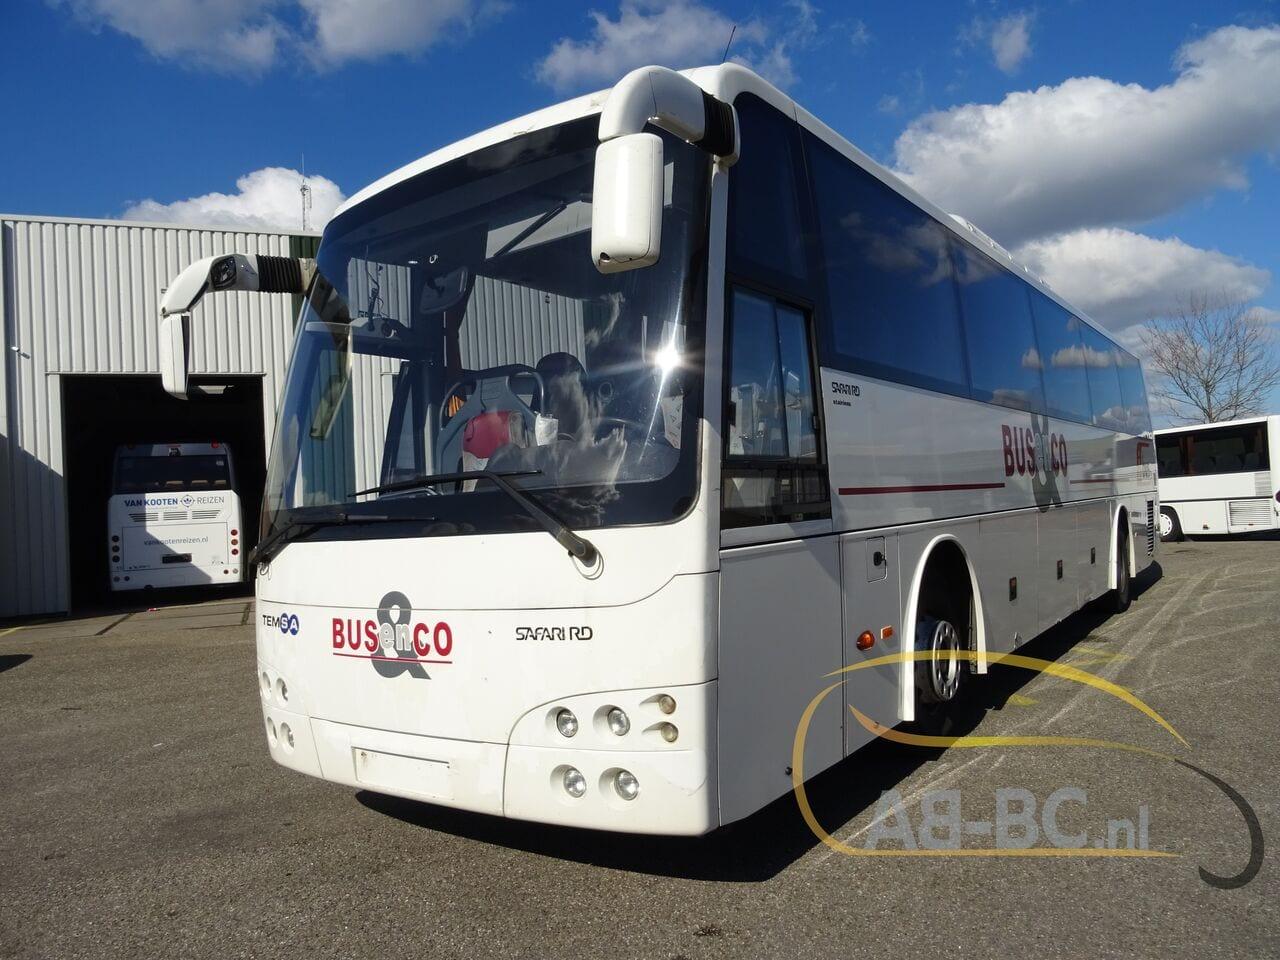 coach-busTEMSA-Safari-RD-53-Seats-DAF-Motor-12-mtr---1616166600334295986_big_8bec2edf3ff2f2385567d2776bcb404d--21031917053743807500